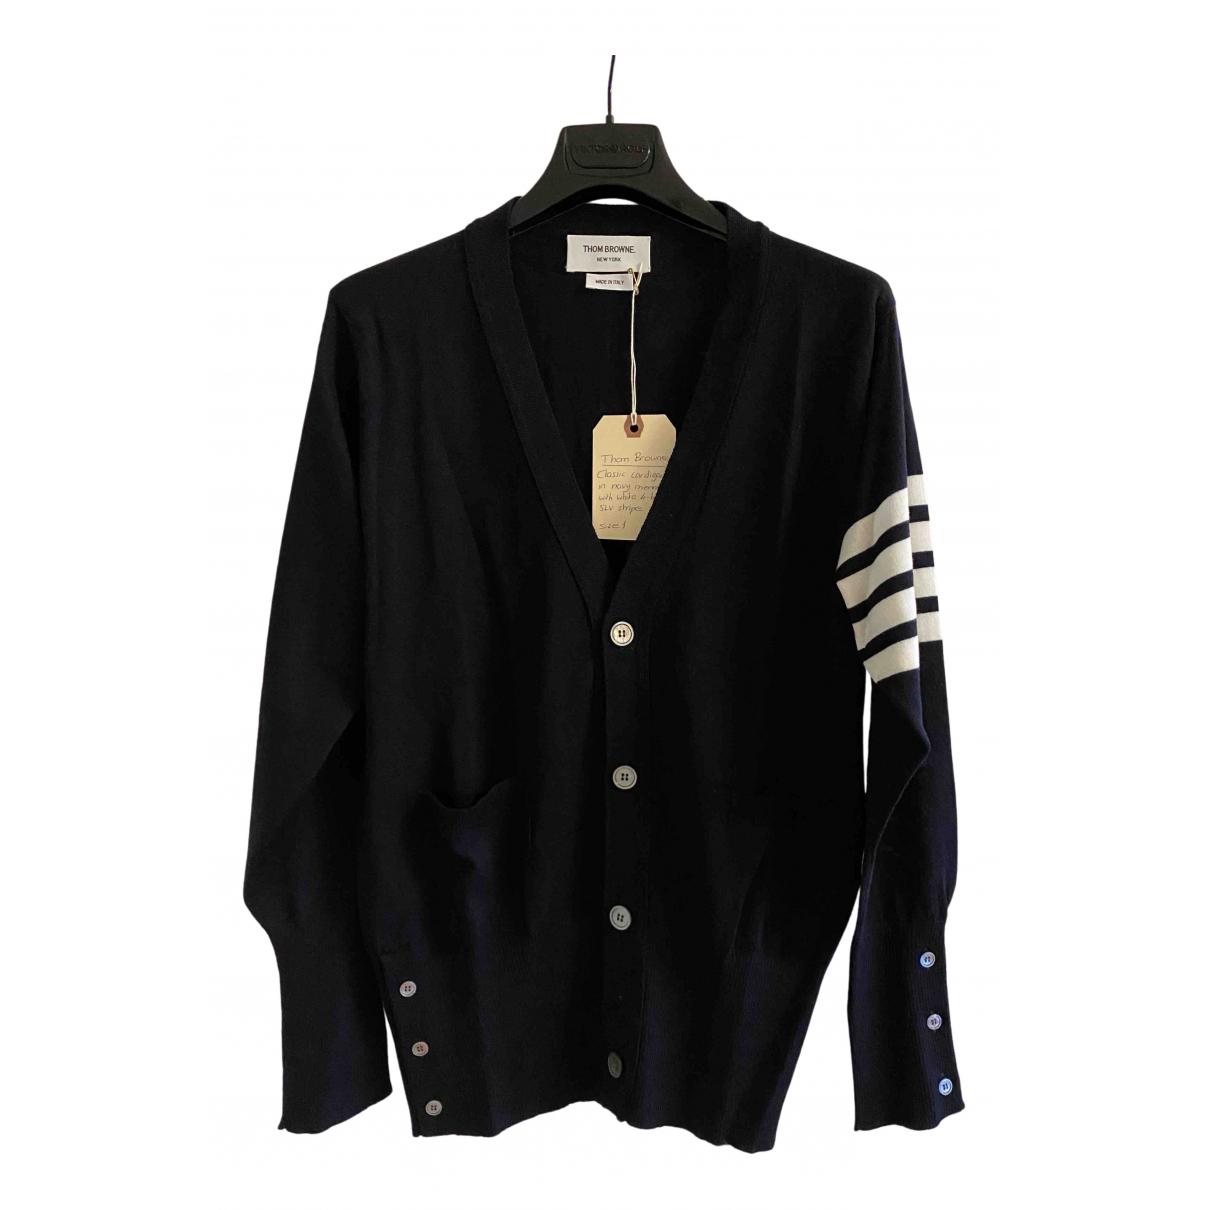 Thom Browne N Navy Wool Knitwear & Sweatshirts for Men 1 0 - 6